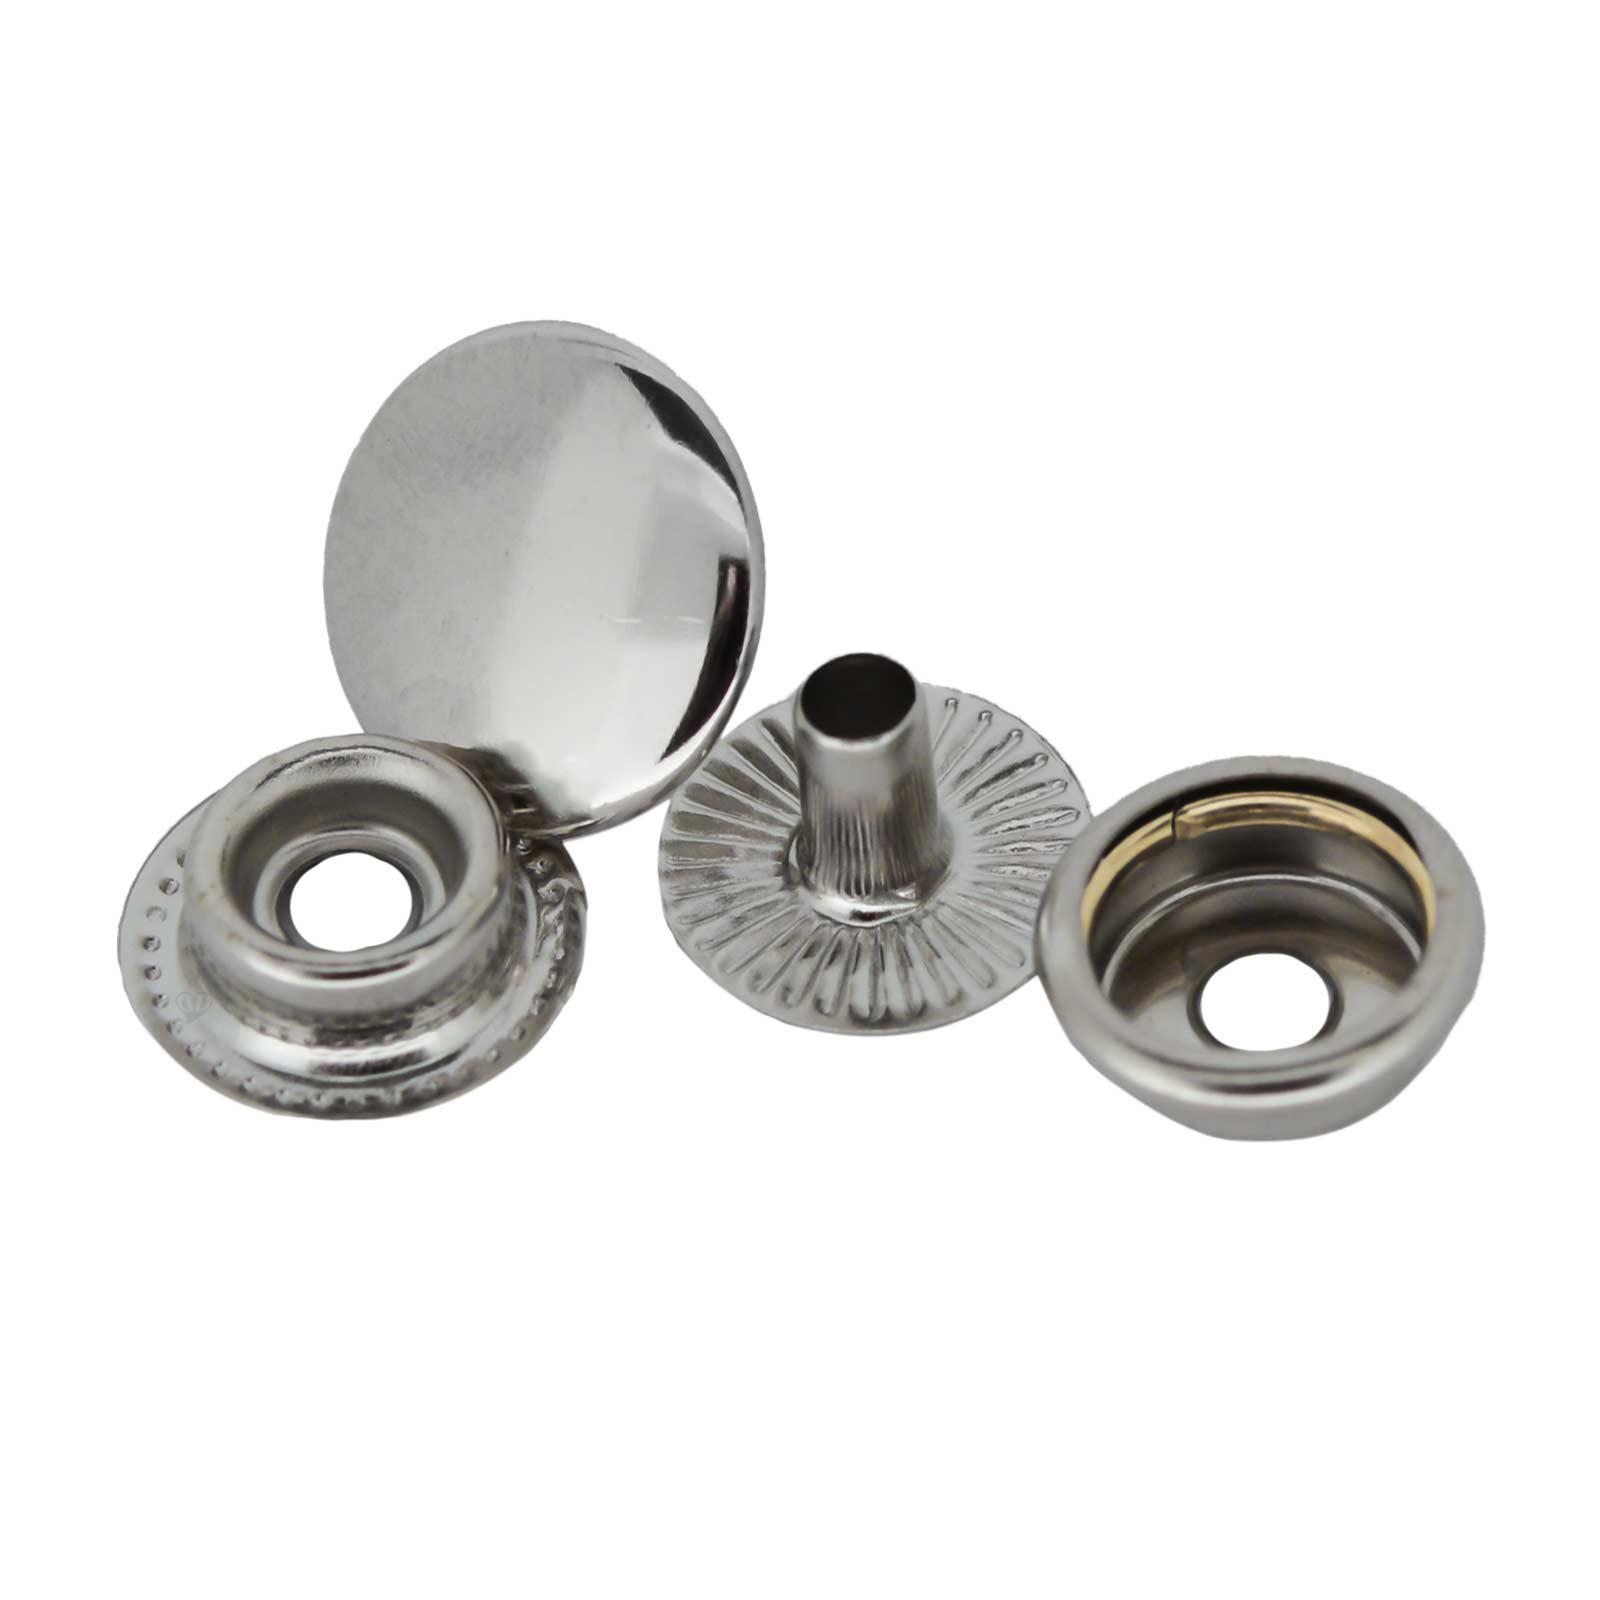 50 Stk Druckknopf Set rund Ring-Feder Verschlüsse Schnappknopf Metall Größen- /Farbwahl – Bild 8